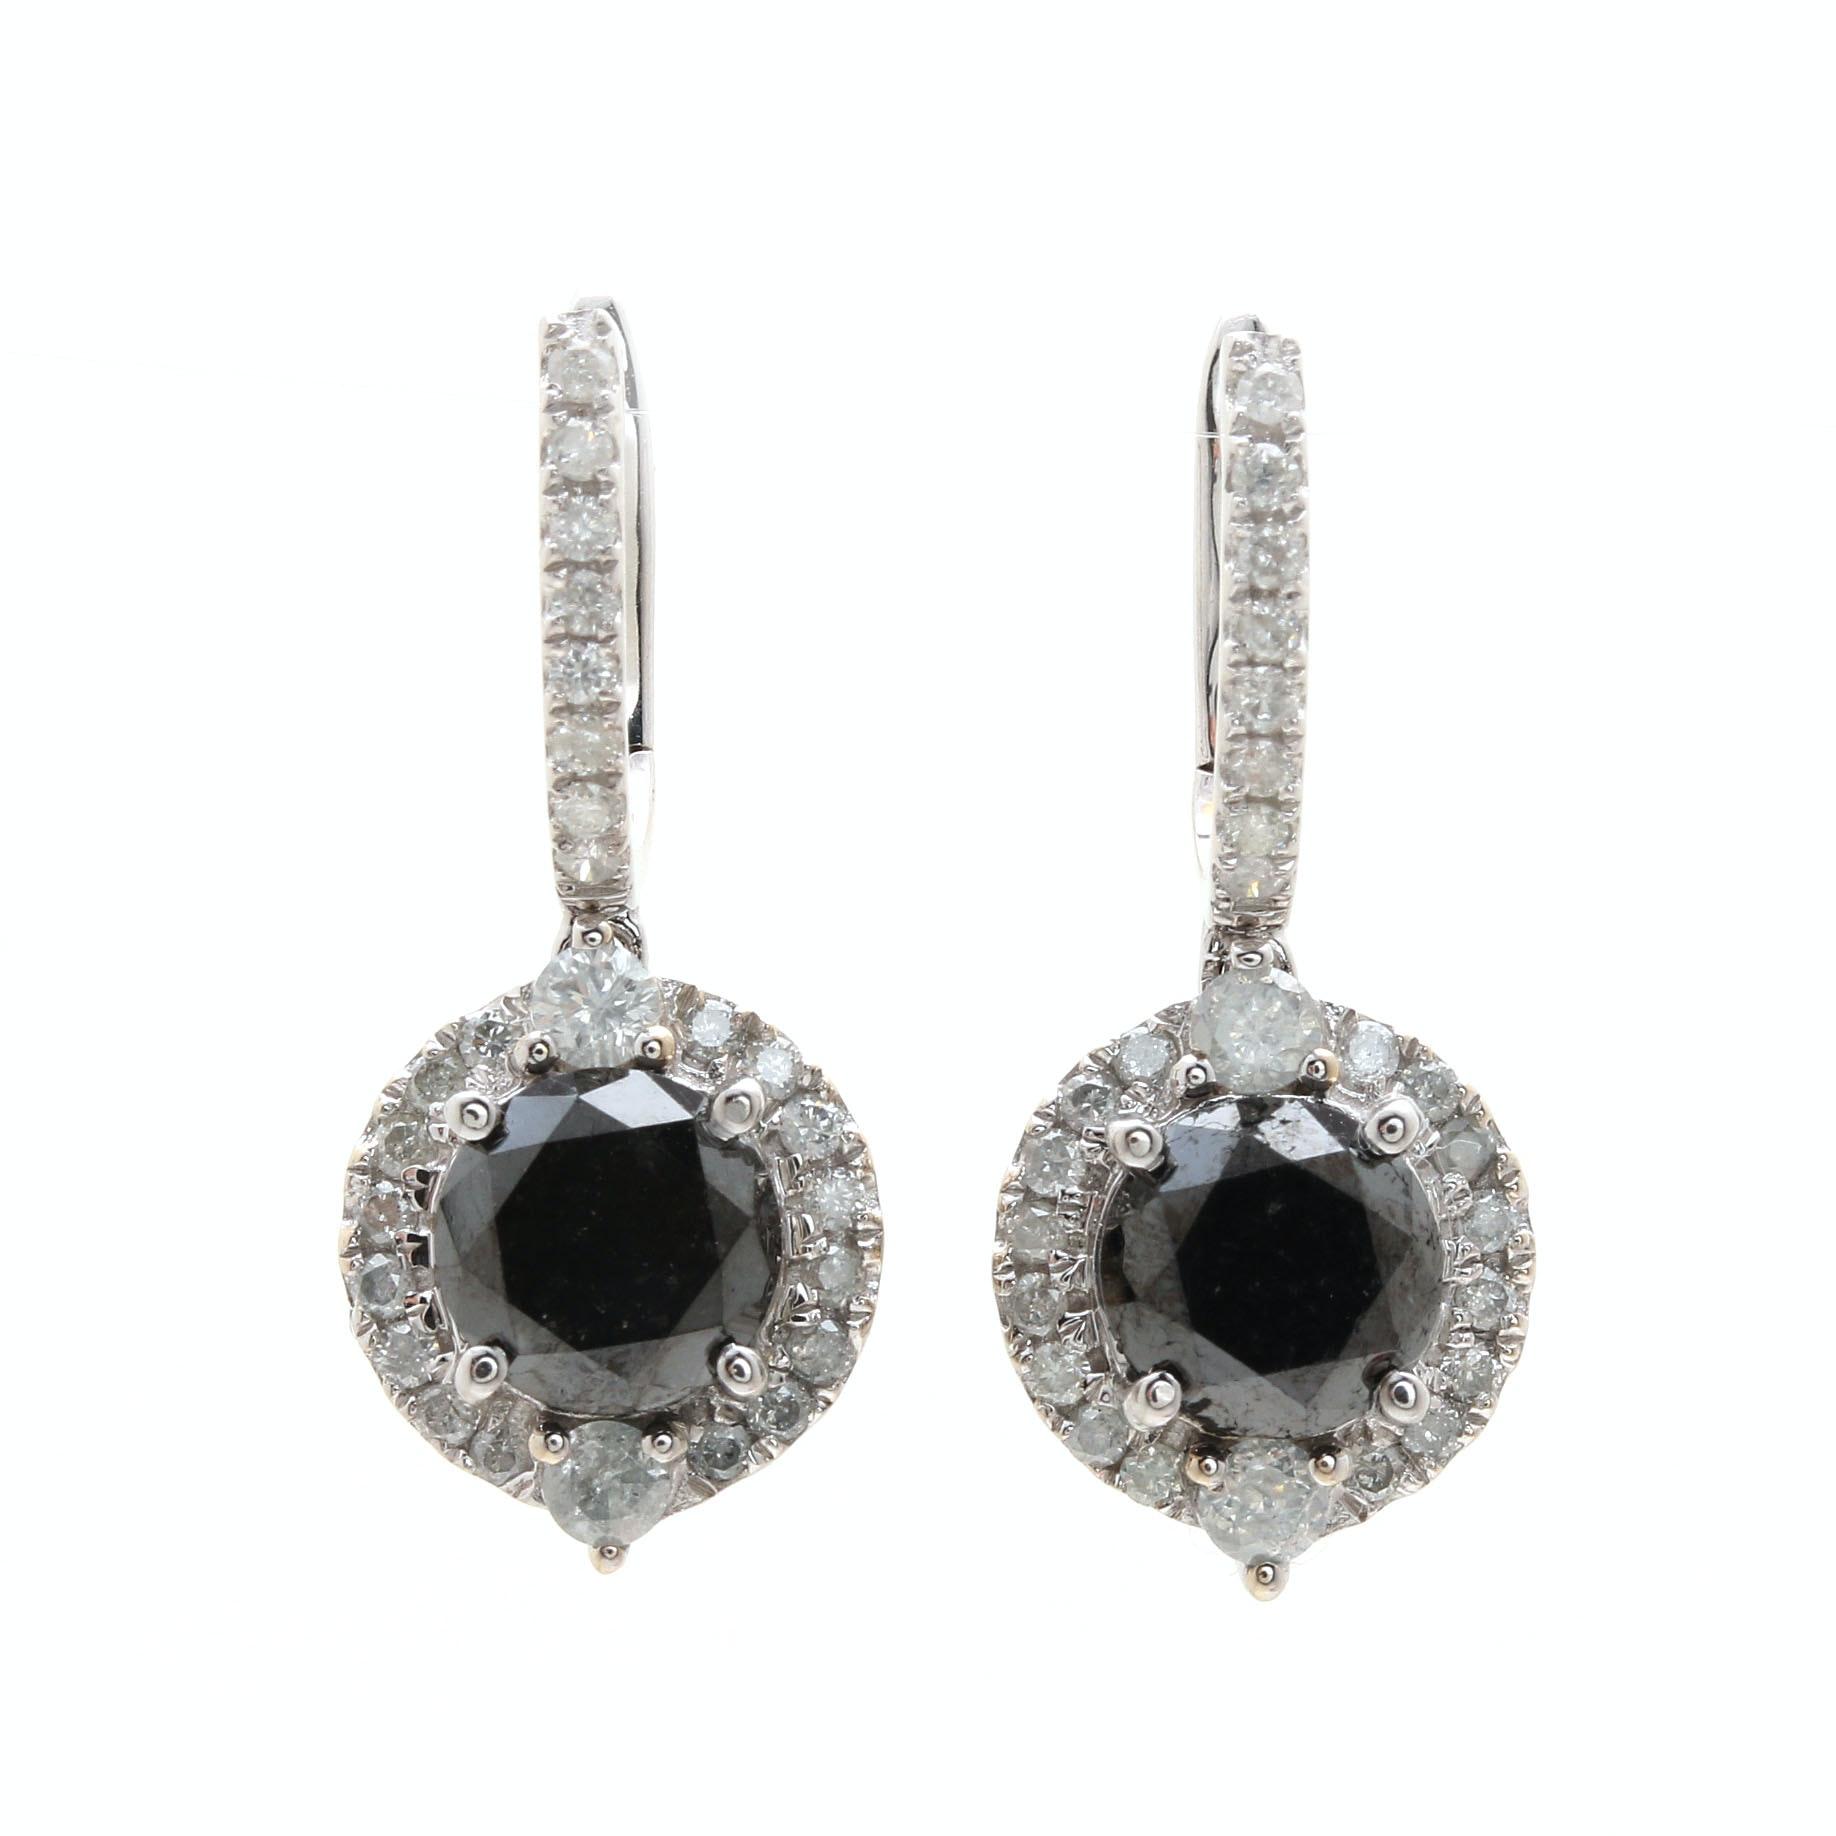 14K White Gold 3.51 CTW Diamond Dangle Earrings